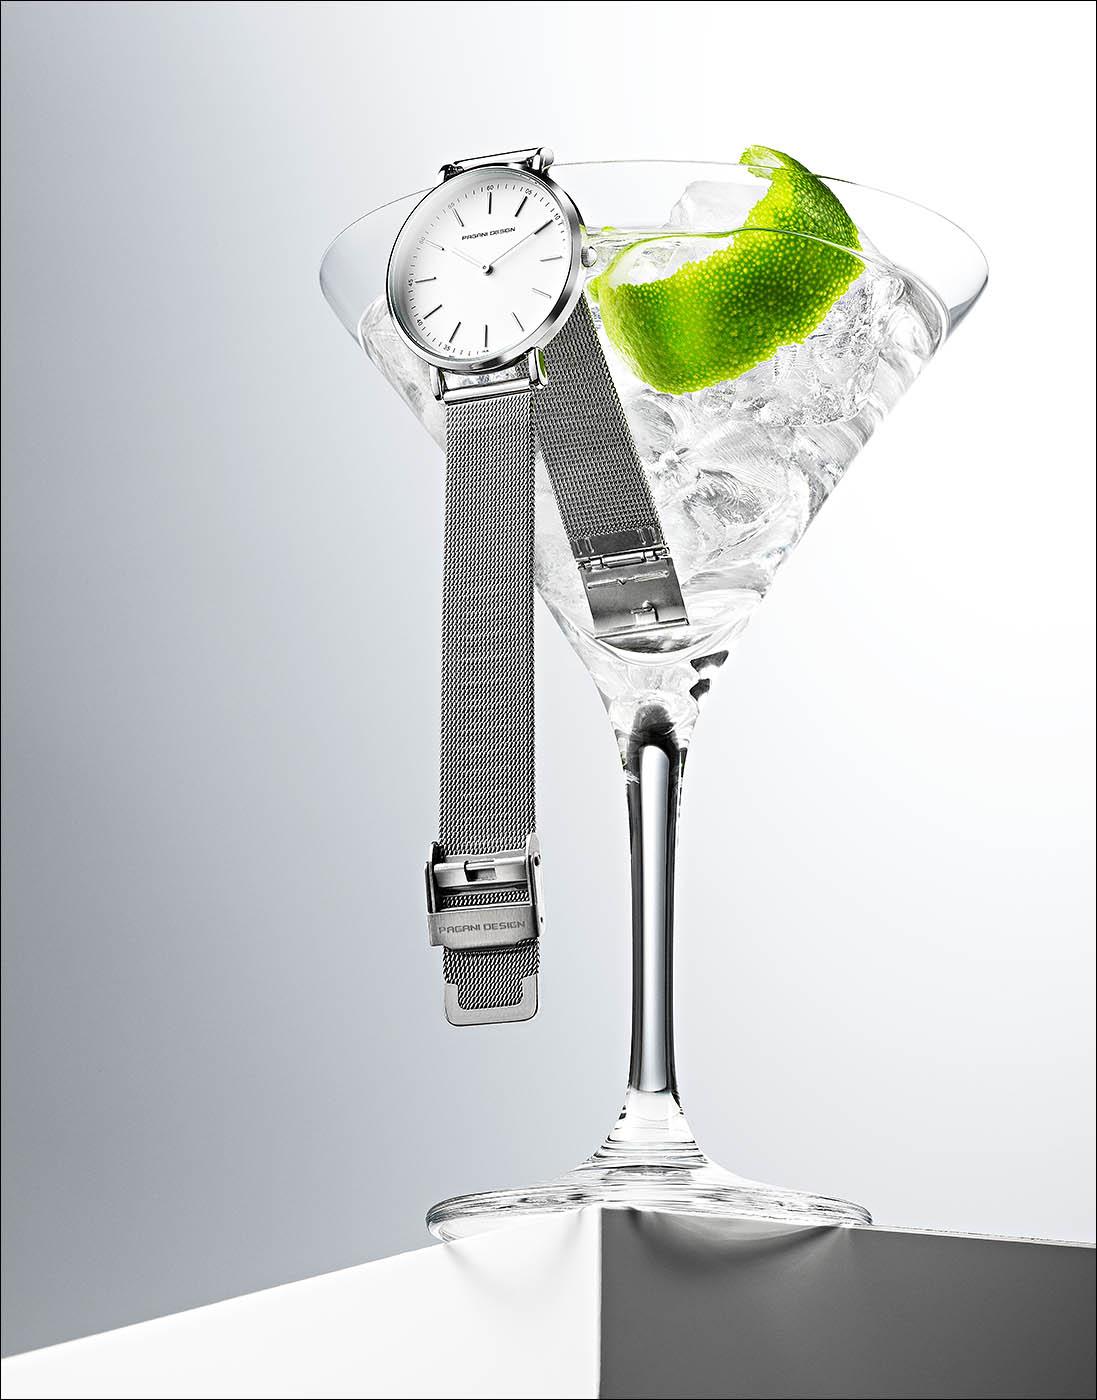 Fotografo still life orologi gioielli | Andrea Sudati